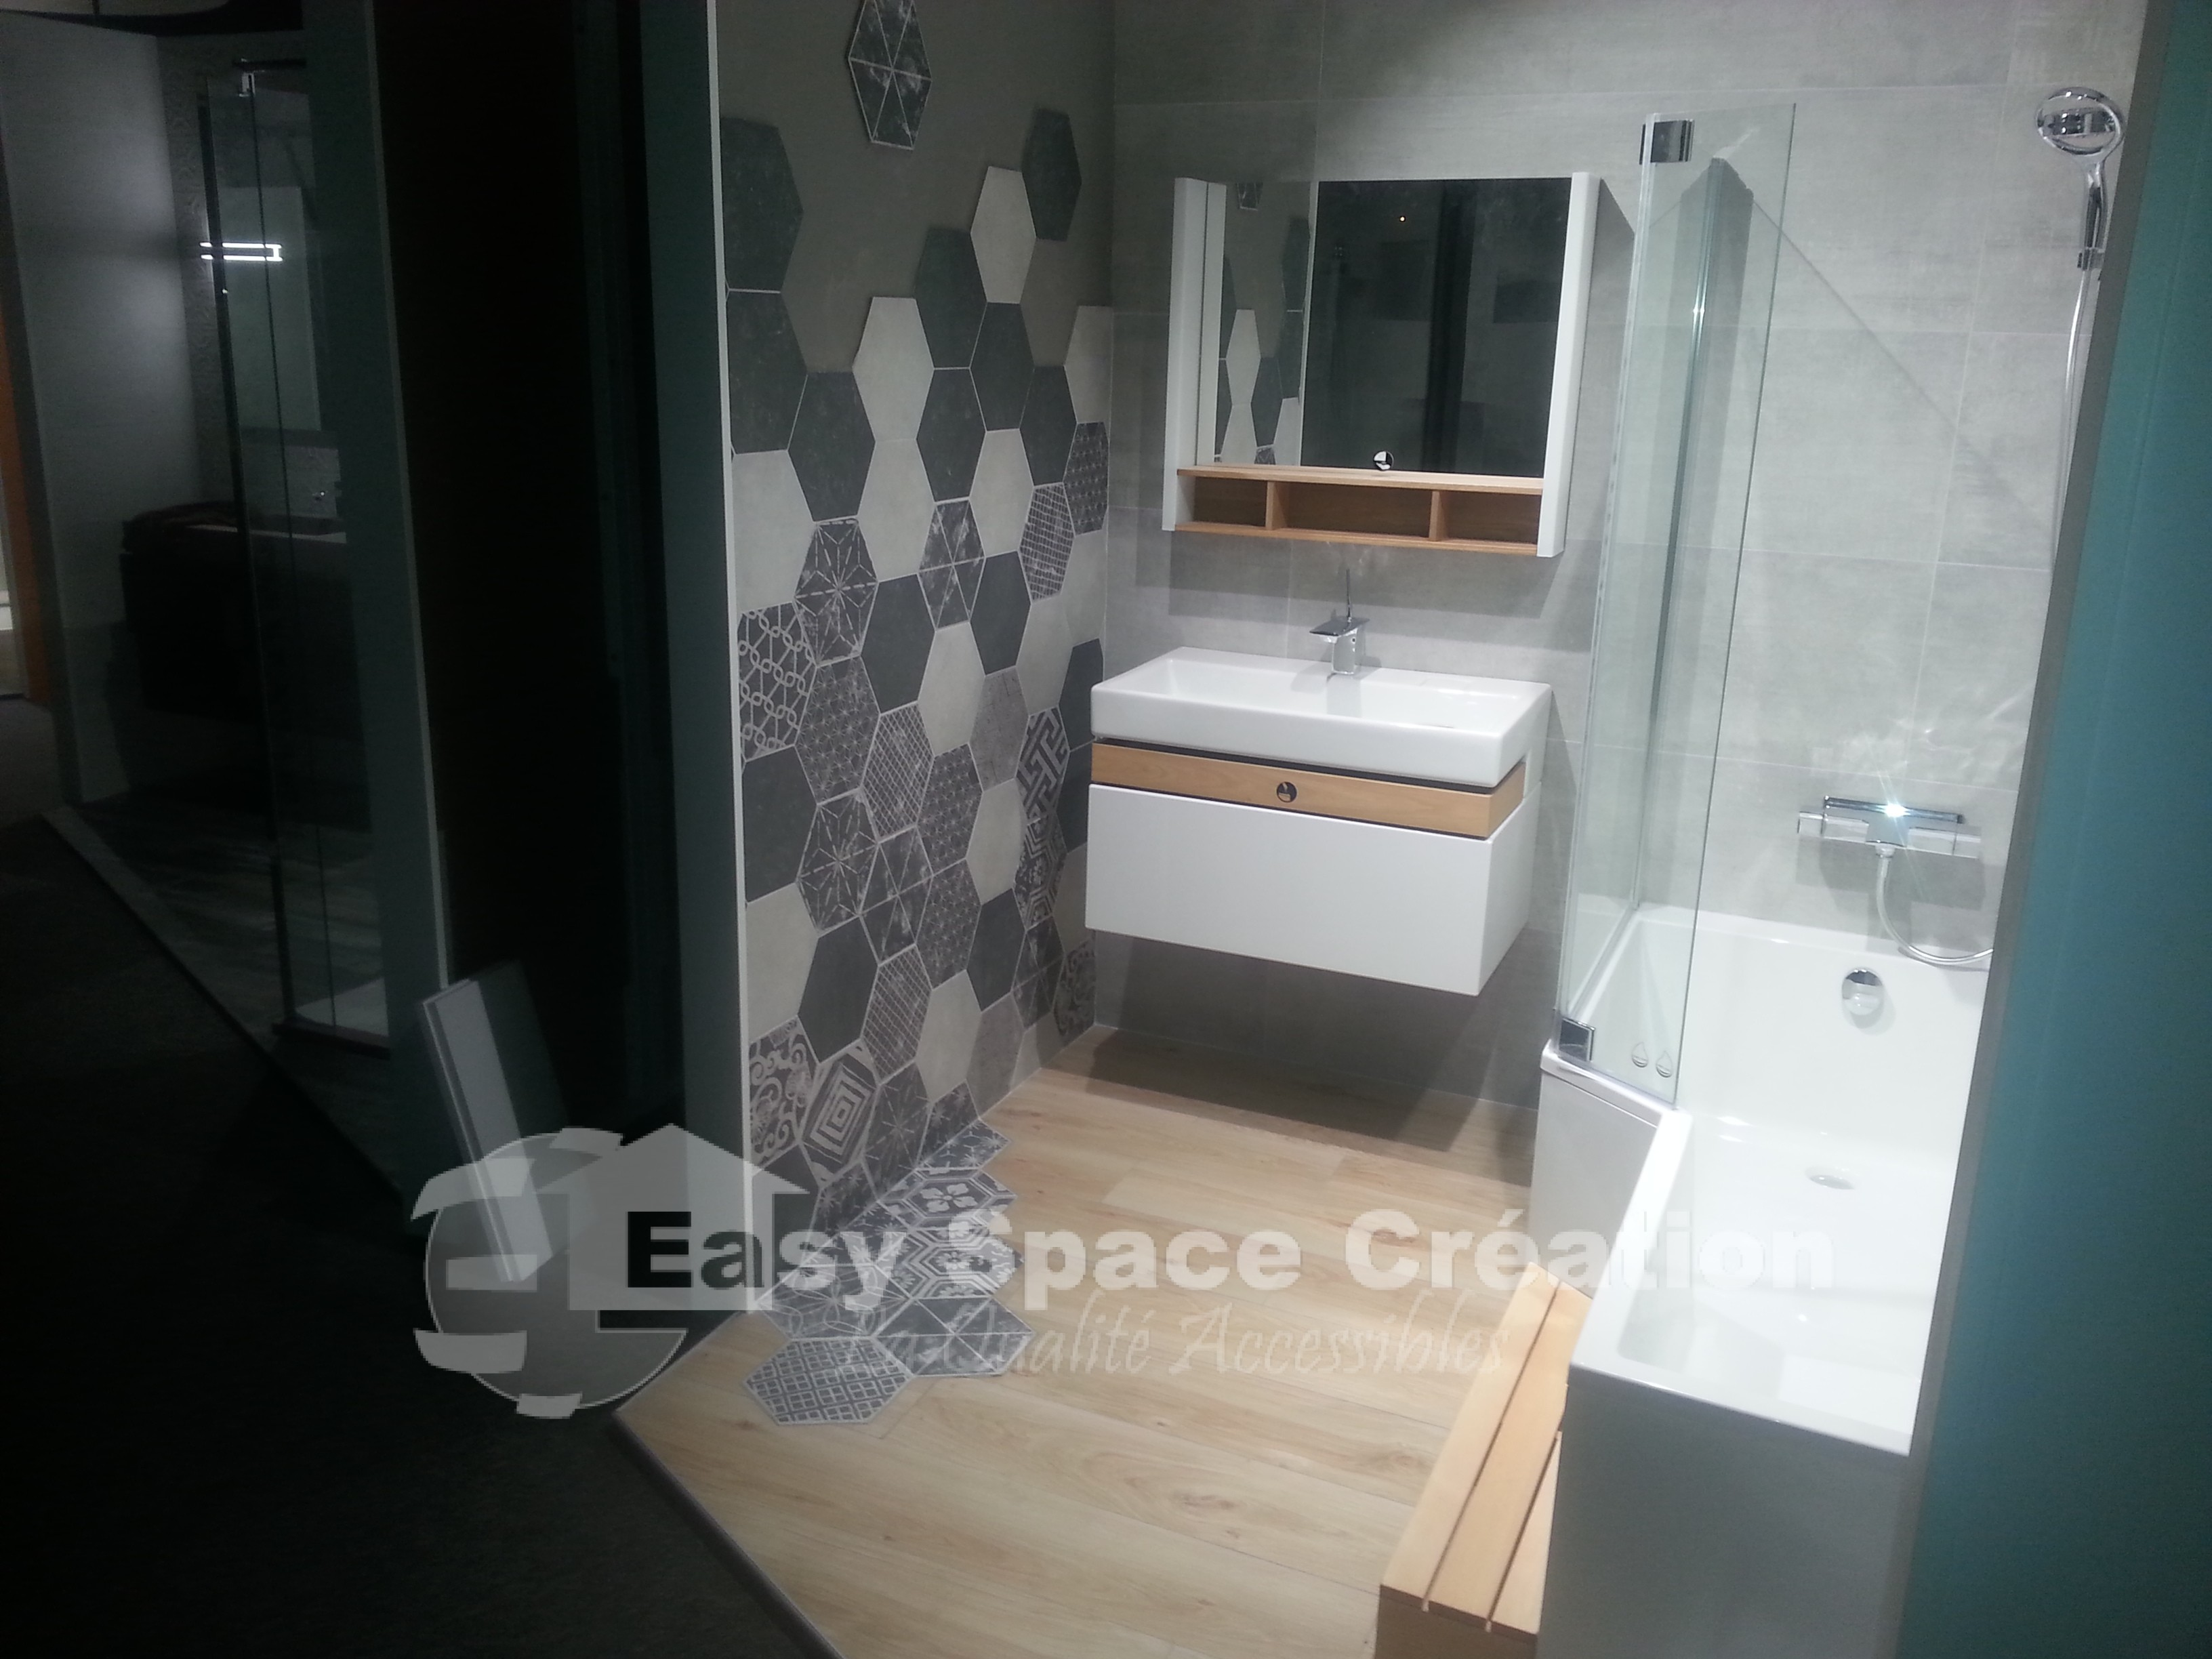 Realisation Du Show Room Art Carrelage A Angoulins Easy Space Creation Carrelage Et Dallage Sur Plot